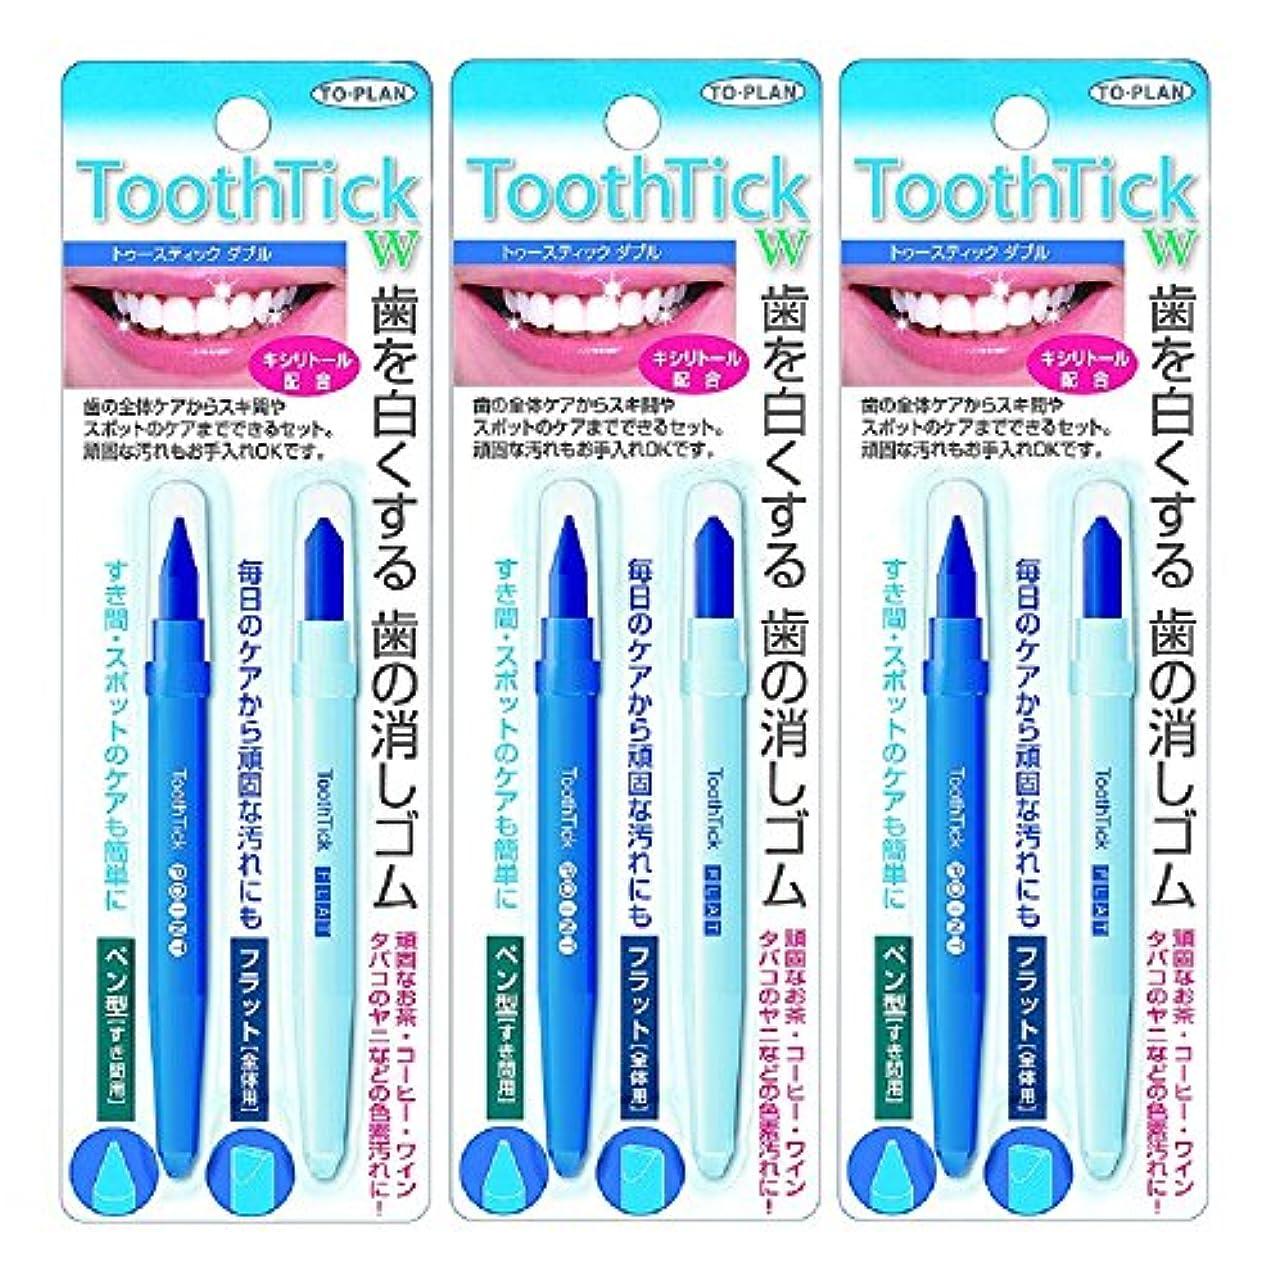 吸収ビームつぶやきトプラン 歯の消しゴム トゥースティック ダブル TKSA-03 3個セット